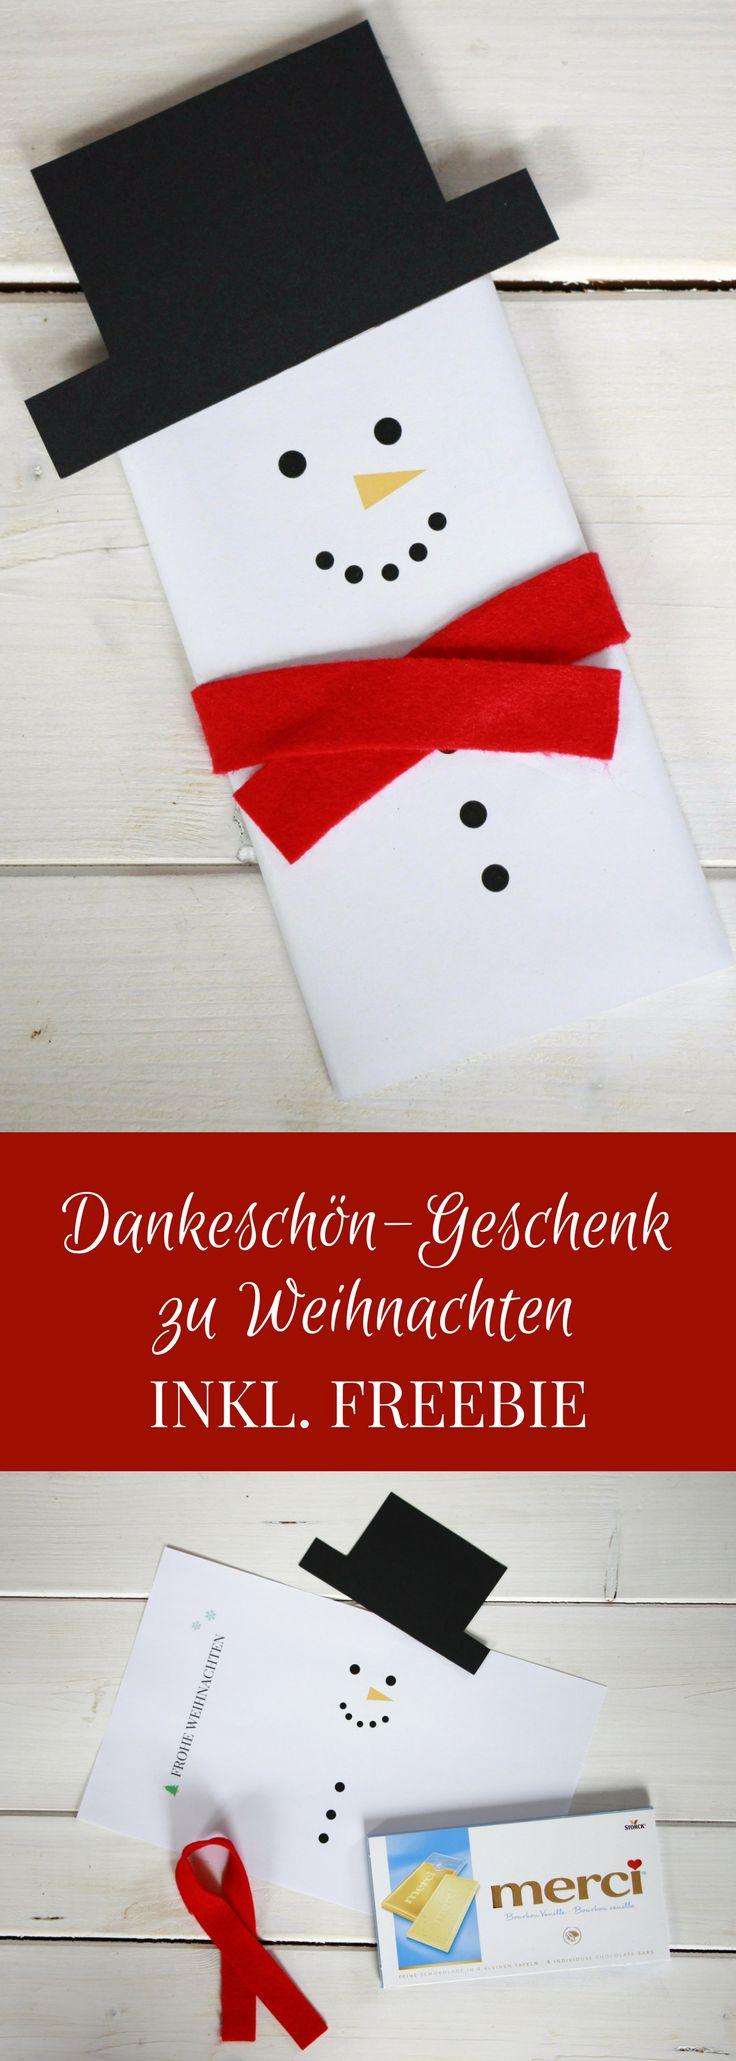 Die Schneemann-Schokolade ist eine schnelle Dankeschön-Geschenk Idee zu Weihnachten. Für die Tafel Schokolade als Schneemann einfach das Freebie ausdrucken und einen Schneemannhut aus Pappe und einen Schal aus Stoff basteln. Der Schokoladen-Schneemann ist auch als weihnachtliche Tischdeko geeignet. - Dankeschön-Geschenk Weihnachten, Dankeschön Postbote, Dankeschön Erzieherin, Dankeschön Therapeut, Bastelidee Weihnachten